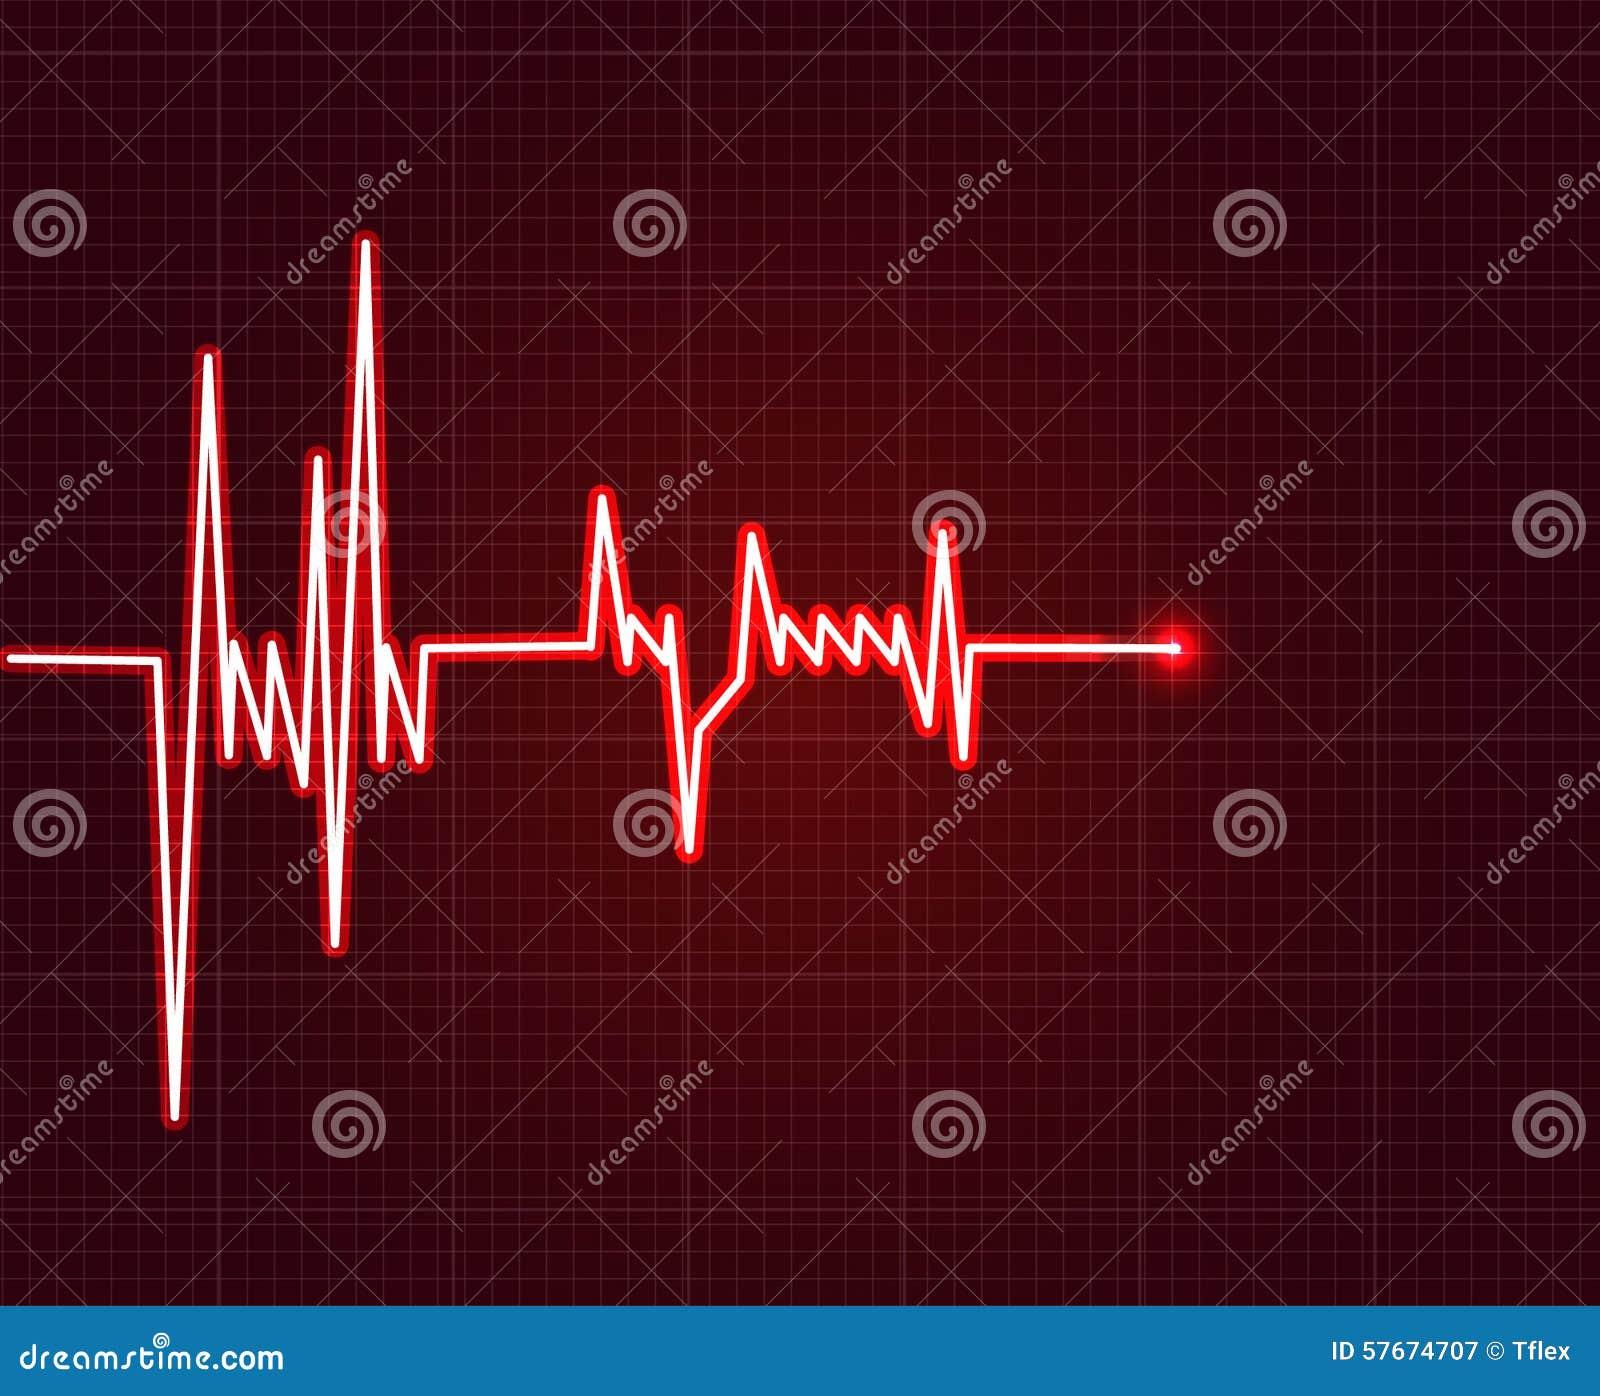 Electrowave kierowy rytm, kardiogram Puls ikona